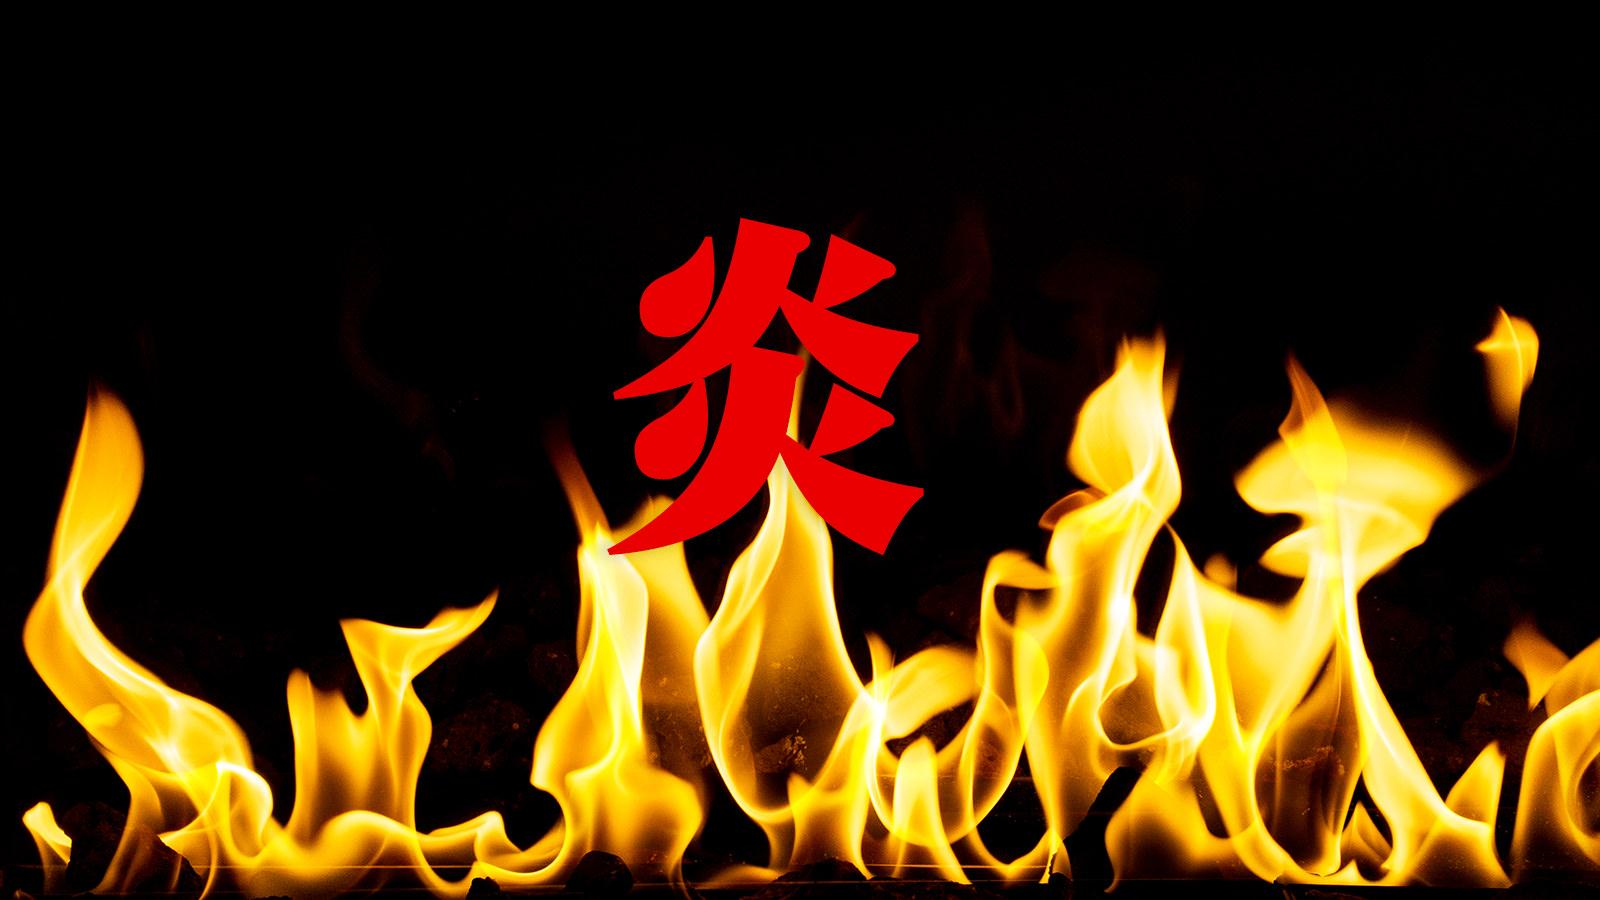 メラメラ燃える炎のフリー素材を追加